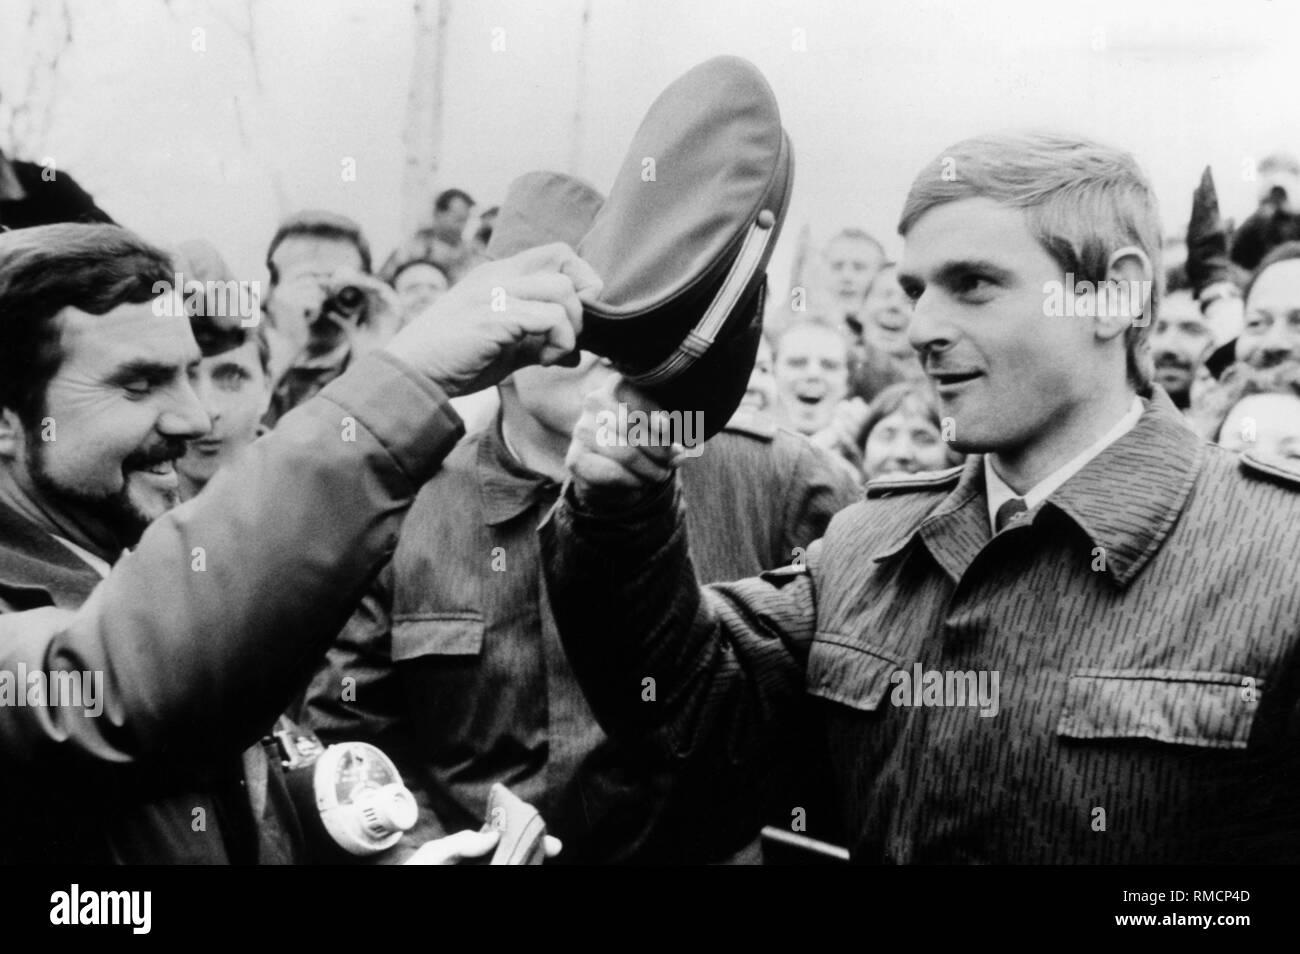 West-berliner Polizist und DDR-Grenzsoldaten Soldat in der Menge nach der Maueröffnung. Der Polizist Hände seine Kappe auf der borderman. Stockfoto